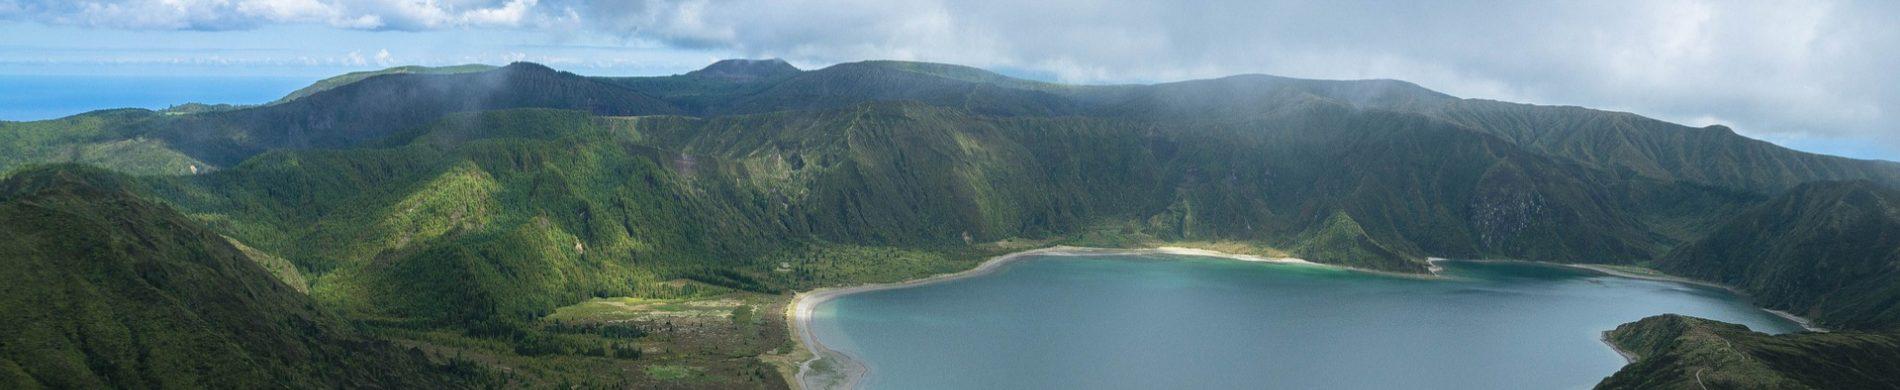 Destination : Açores - Les matins du monde